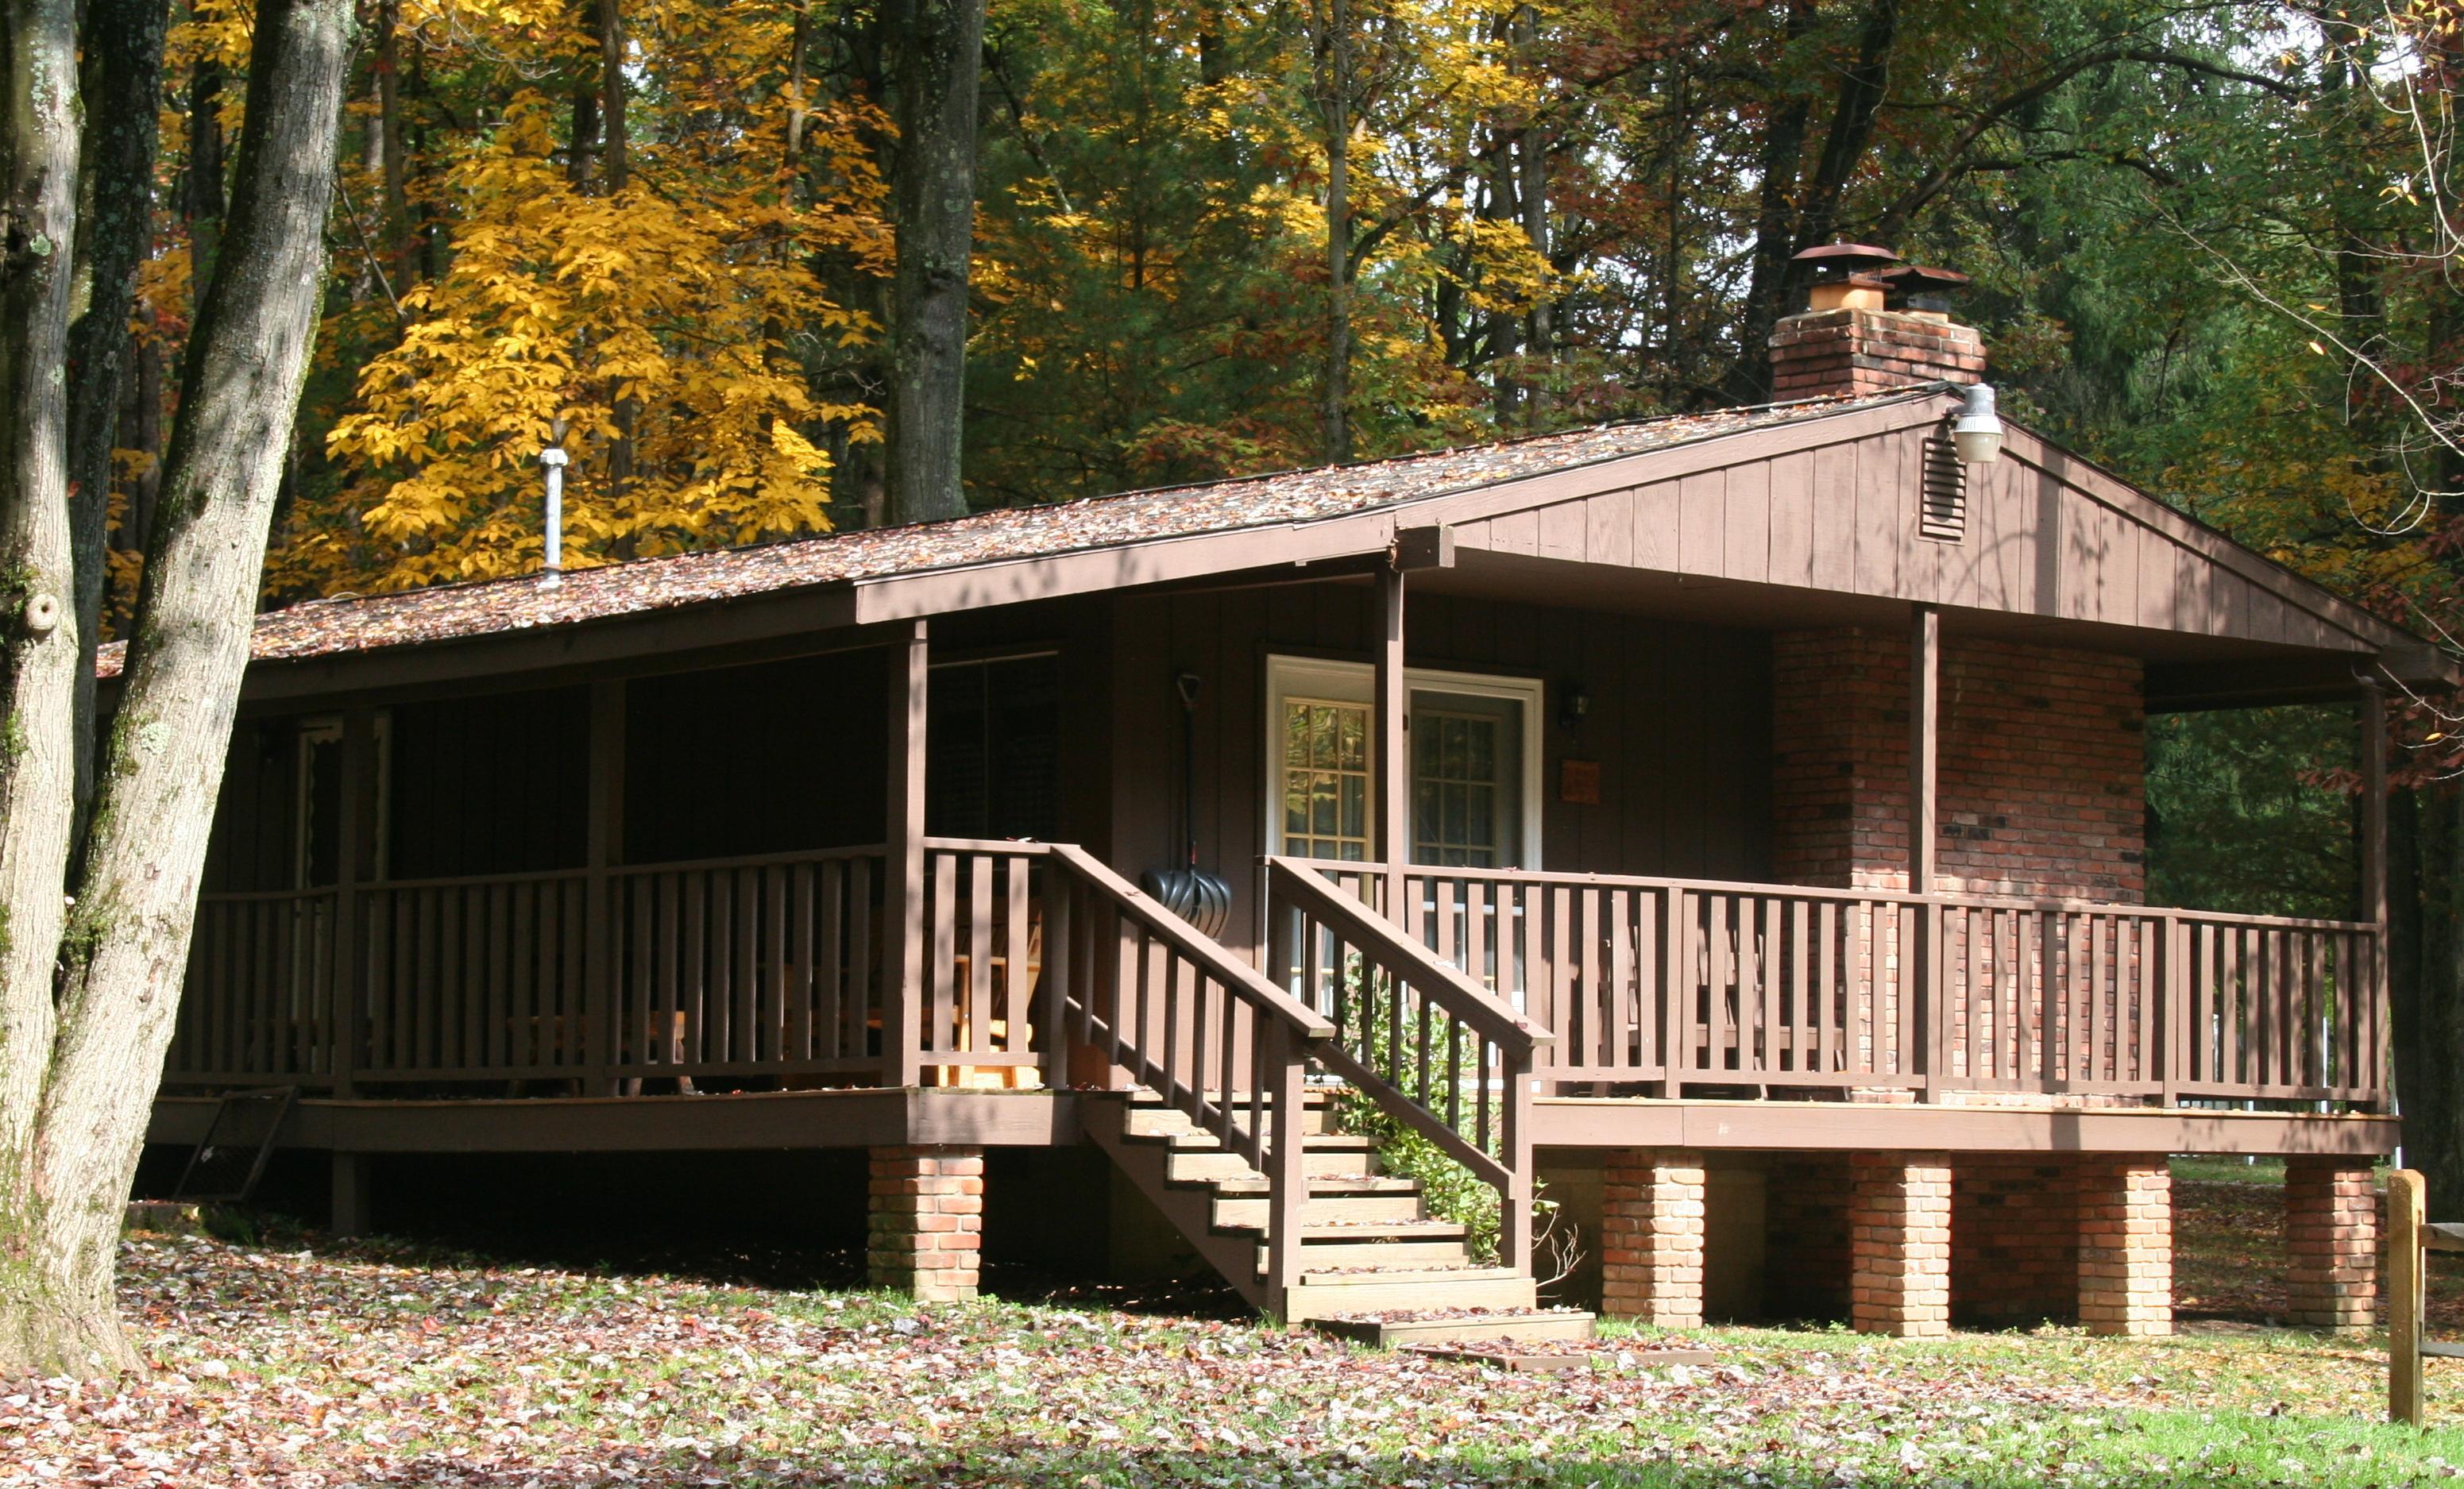 hollow cabins suites dugan in ohio